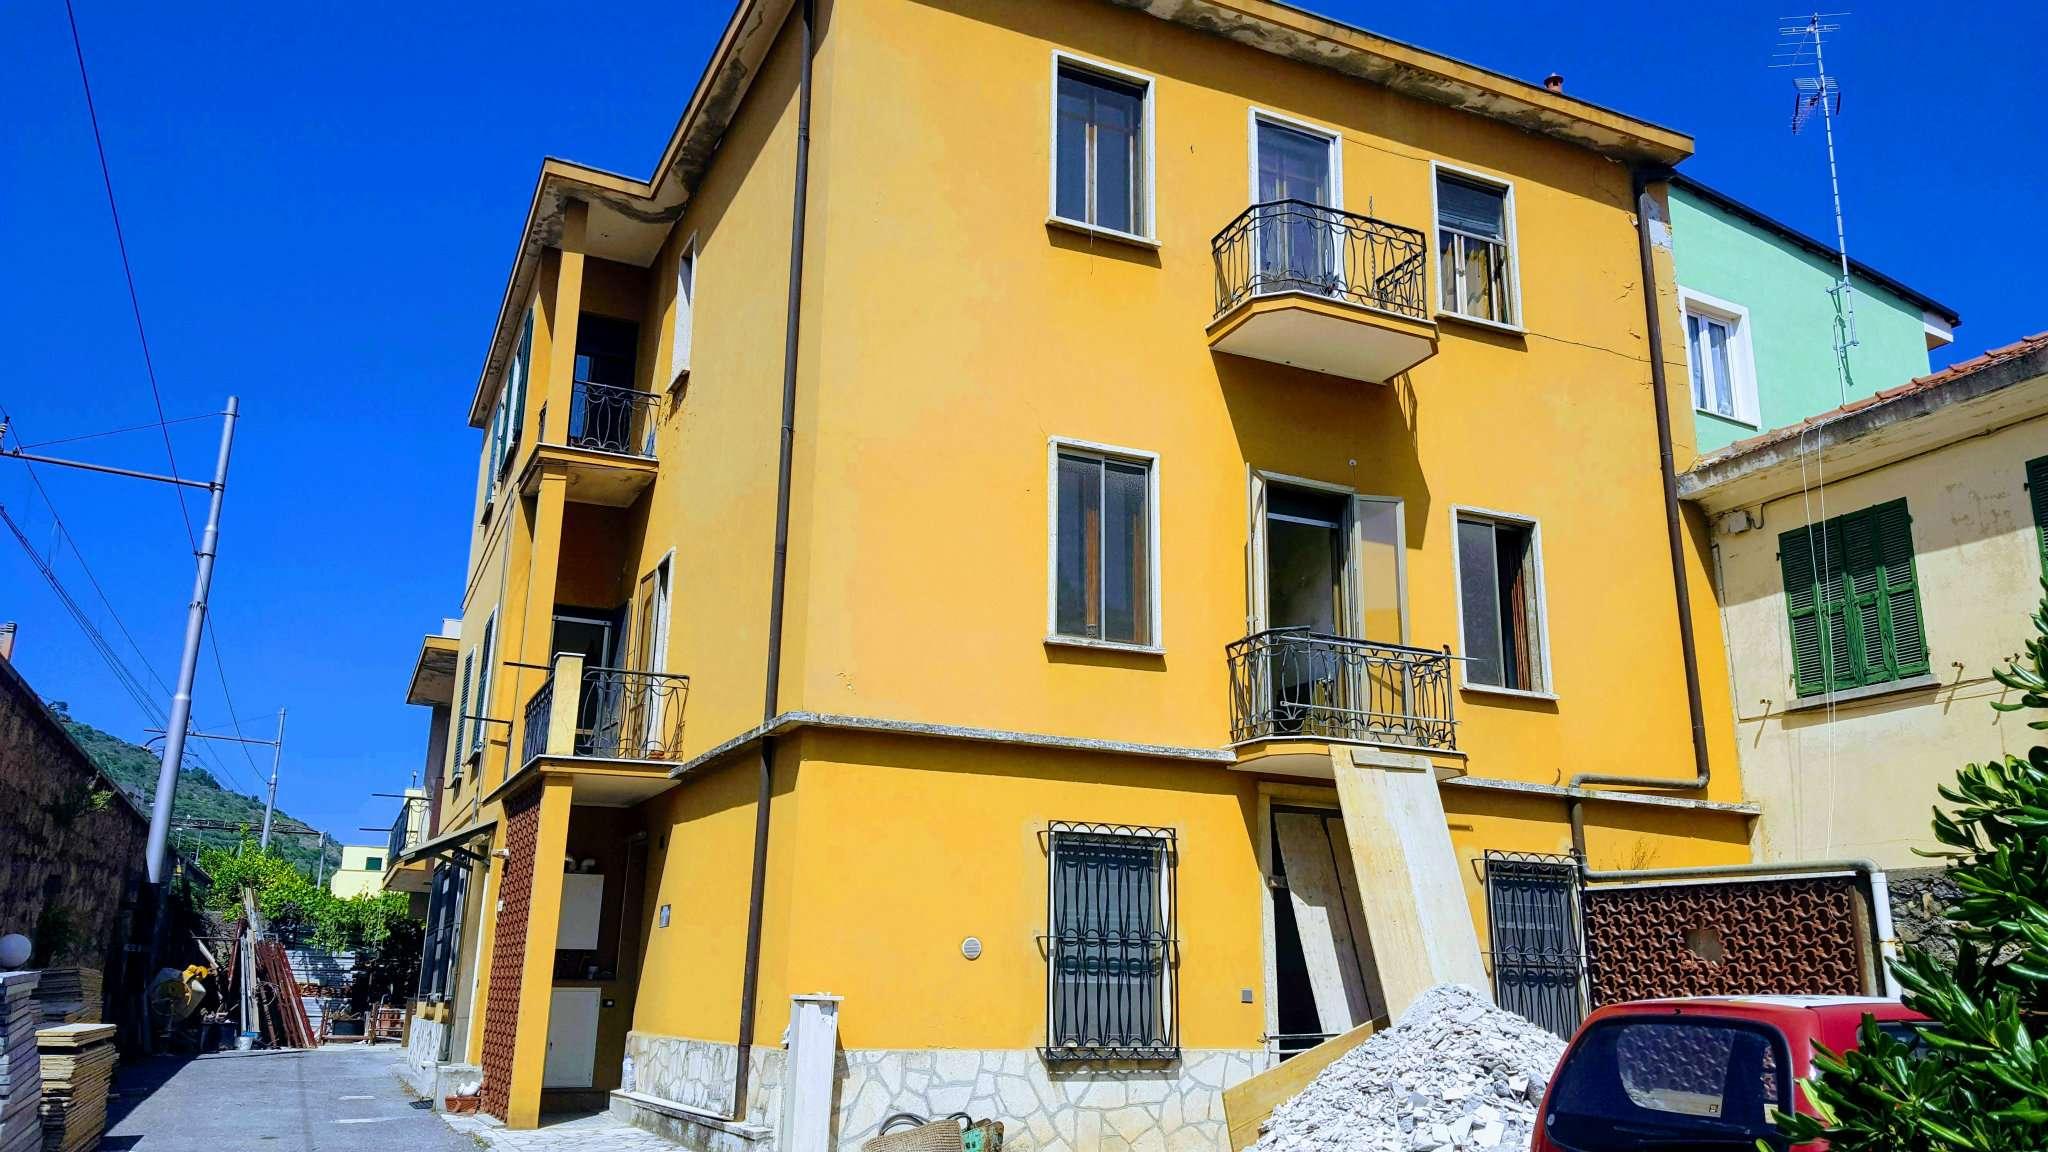 Appartamento in vendita a Ceriale, 2 locali, prezzo € 220.000 | CambioCasa.it